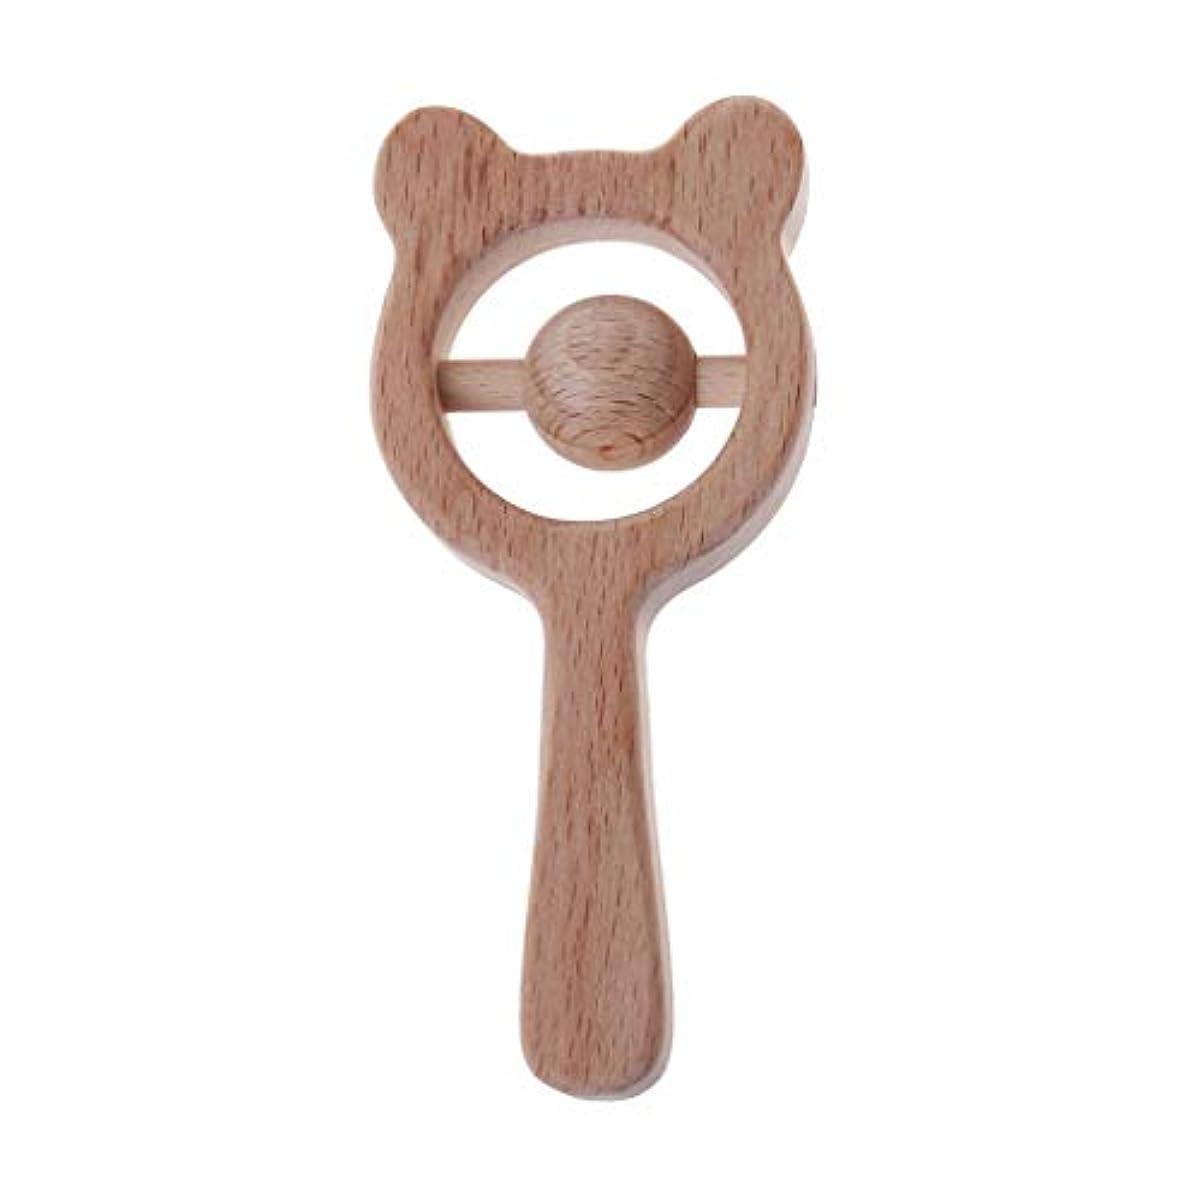 優越残り法律によりランドウッドティーザーベイビーベアーティーザーガラガラベビー授乳玩具かむ玩具歯が生えるガラガラおもちゃ